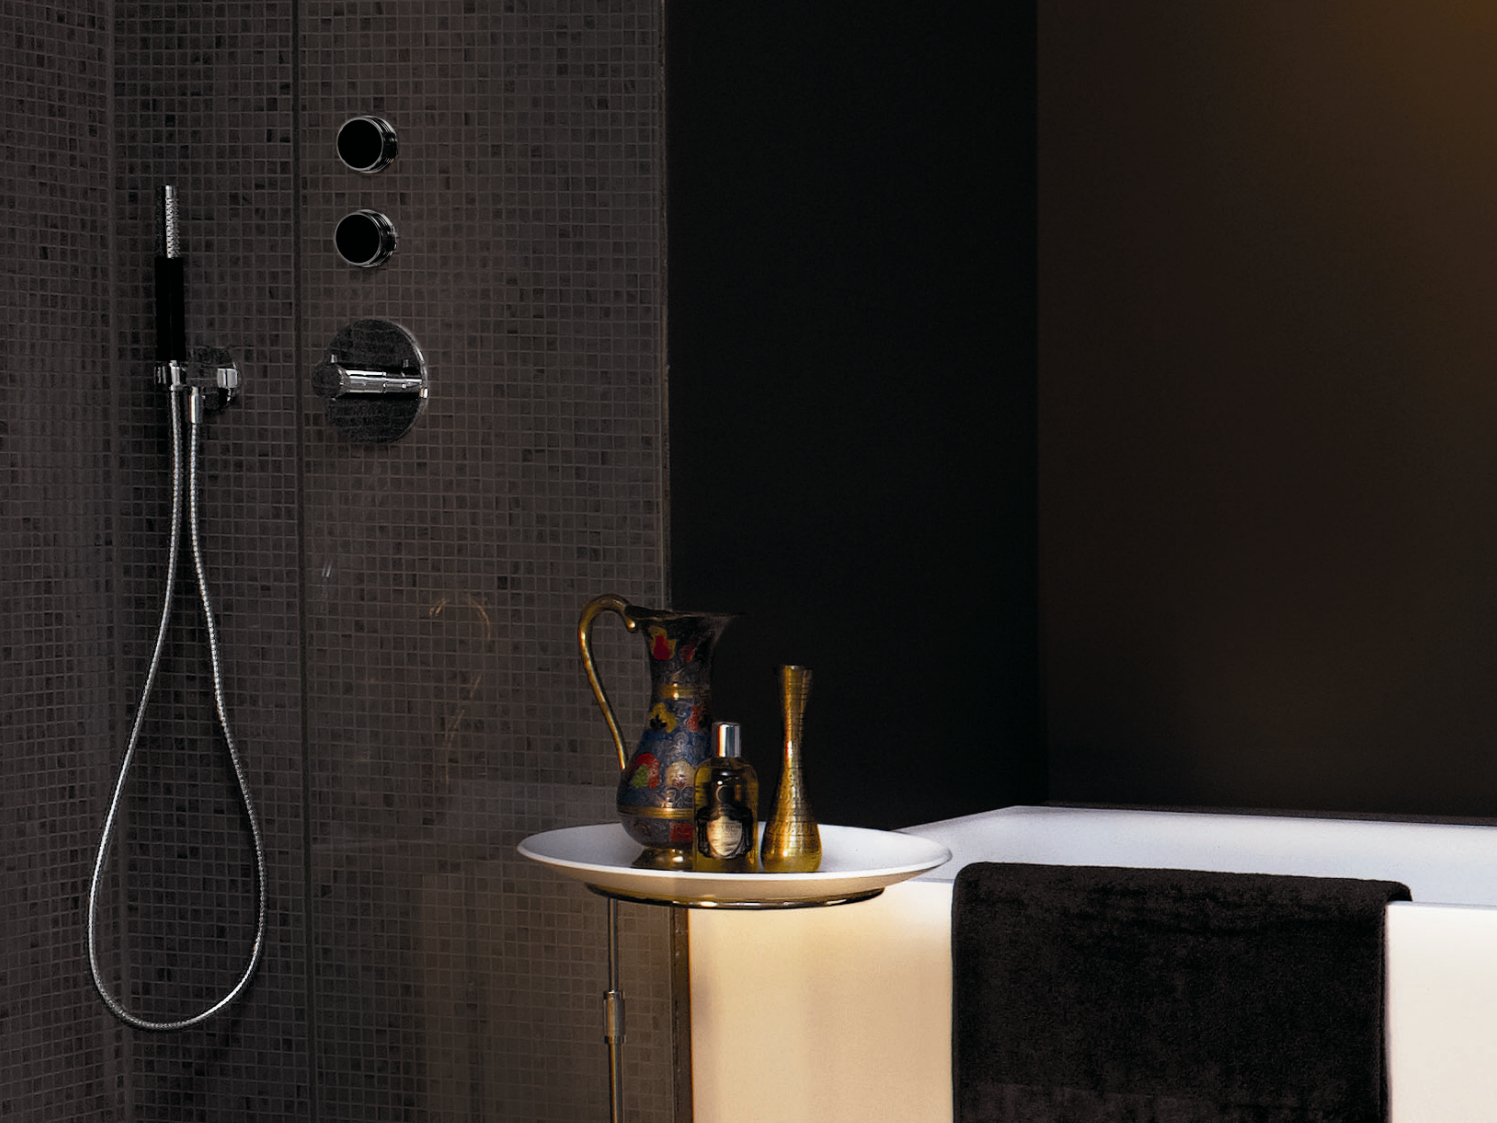 Zucchetti Bathroom Fixtures savoir   shower mixerzucchetti design matteo thun, antonio